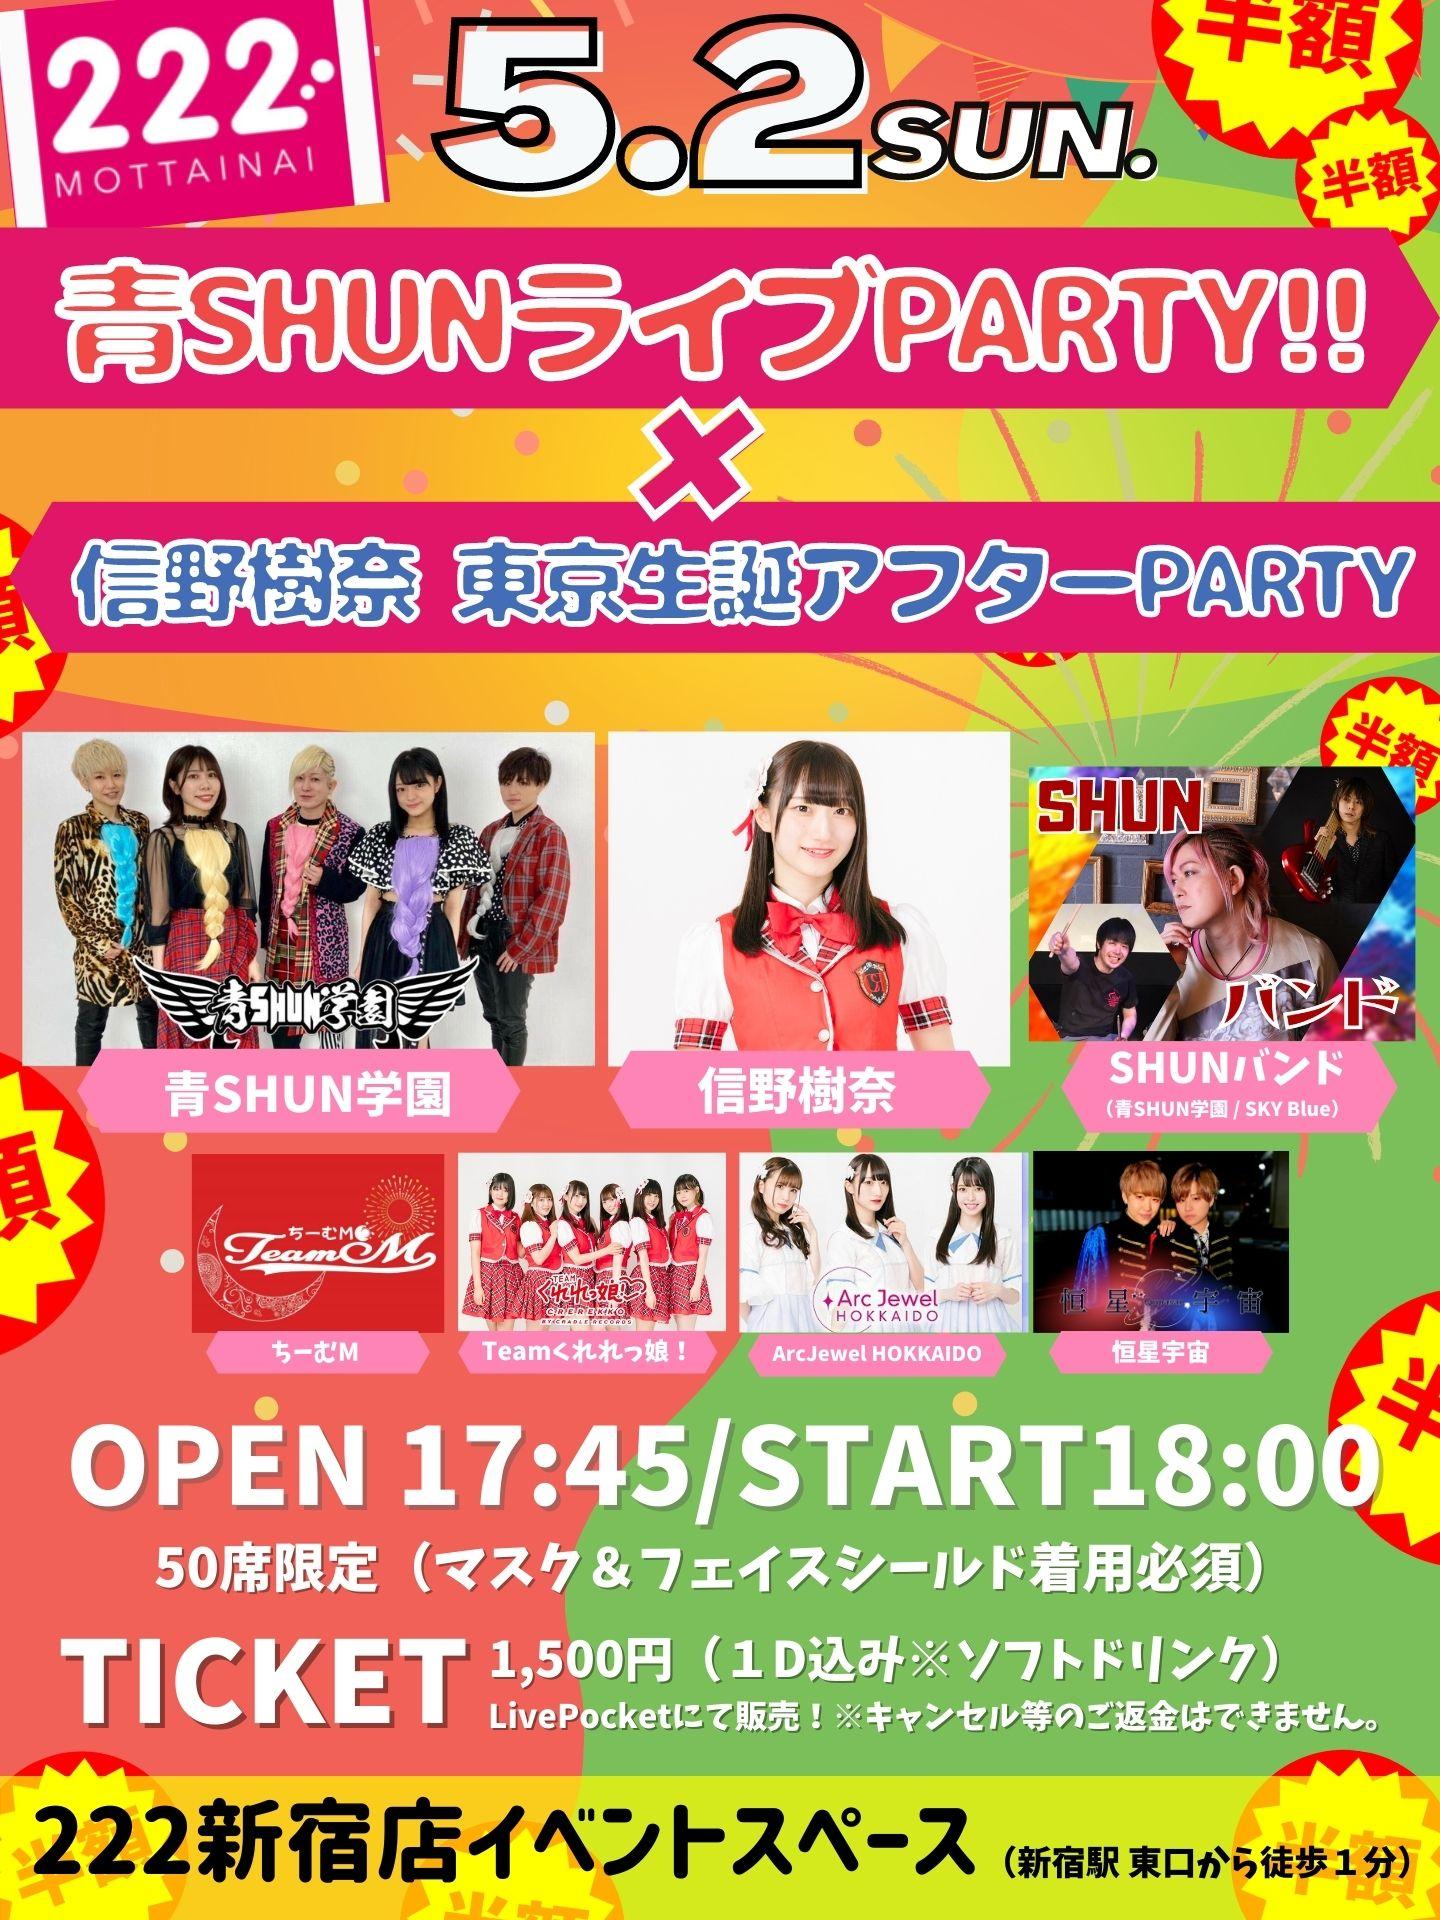 5/2 (日)青SHUNライブParty ✖ 信野樹奈 東京生誕アフターParty